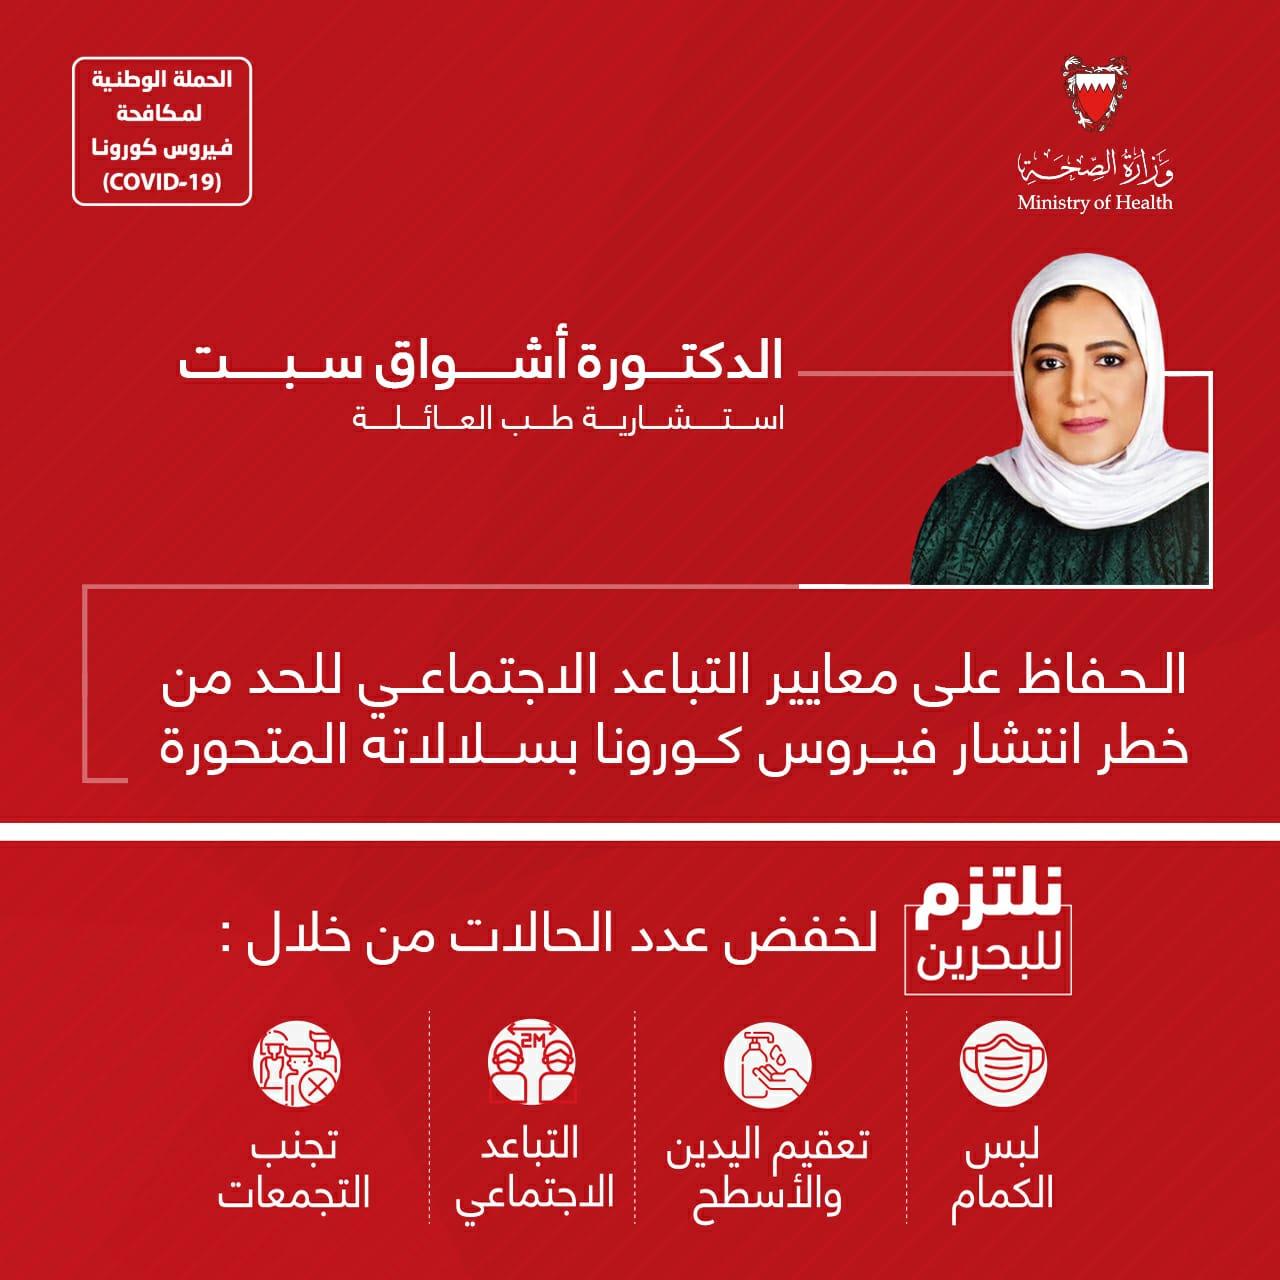 د. أشواق سبت: الحفاظ على معايير التباعد الاجتماعي للحد من خطر انتشار فيروس كورونا بسلالاته المتحورة